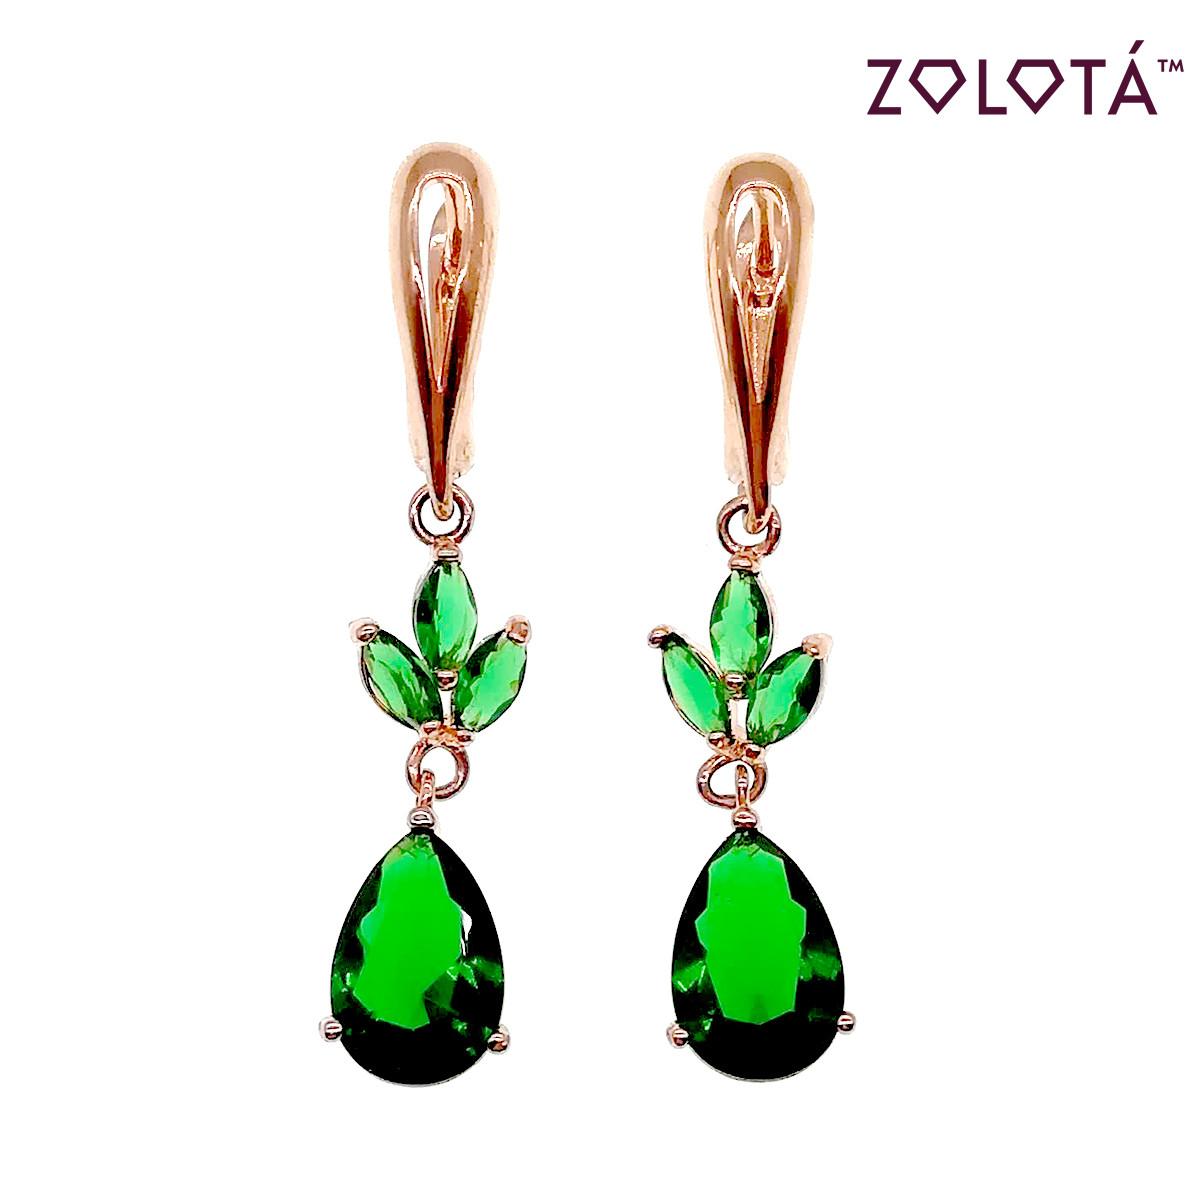 Сережки Zolota з зеленими фіанітами (куб. цирконієм), з медичного золота, в позолоті, ЗЛ00439 (1)